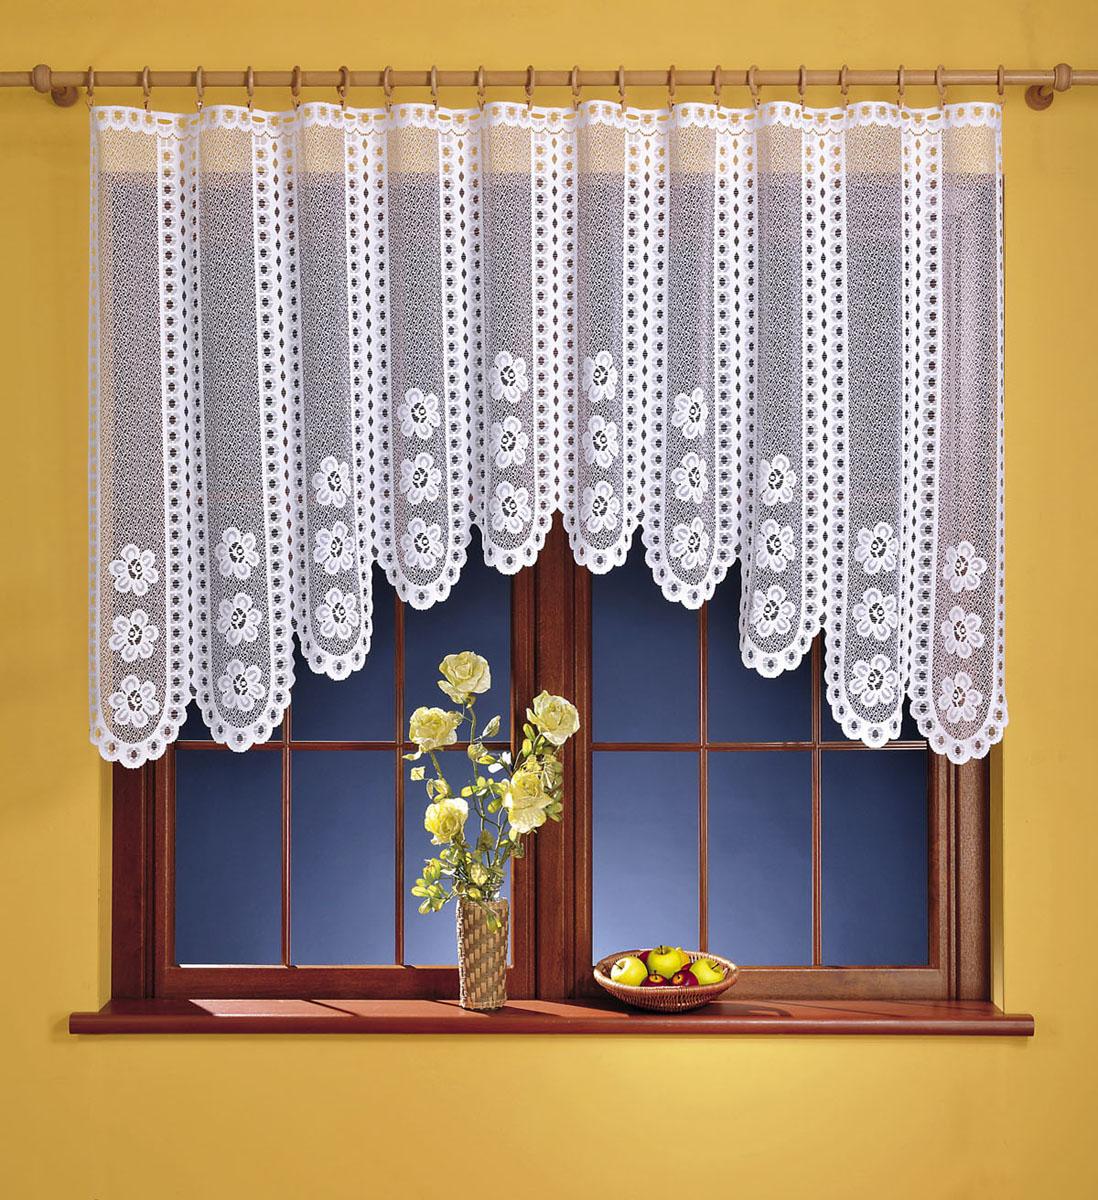 Гардина Kasia, цвет: белый, высота 120 см676187Гардина Kasia, изготовленная из полиэстера белого цвета, станет великолепным украшением любого окна. Тонкое плетение, оригинальный дизайн и красивый цветочный узор привлекут к себе внимание и органично впишутся в интерьер комнаты. Верхняя часть гардины не оснащена креплениями. Характеристики: Материал: 100% полиэстер. Цвет: белый. Размер упаковки: 27 см х 34 см х 3 см. Артикул: 676187. В комплект входит: Гардина - 1 шт. Размер (Ш х В): 230 см х 120 см. Фирма Wisan на польском рынке существует уже более пятидесяти лет и является одной из лучших польских фабрик по производству штор и тканей. Ассортимент фирмы представлен готовыми комплектами штор для гостиной, детской, кухни, а также текстилем для кухни (скатерти, салфетки, дорожки, кухонные занавески). Модельный ряд отличает оригинальный дизайн, высокое качество. Ассортимент продукции постоянно пополняется.